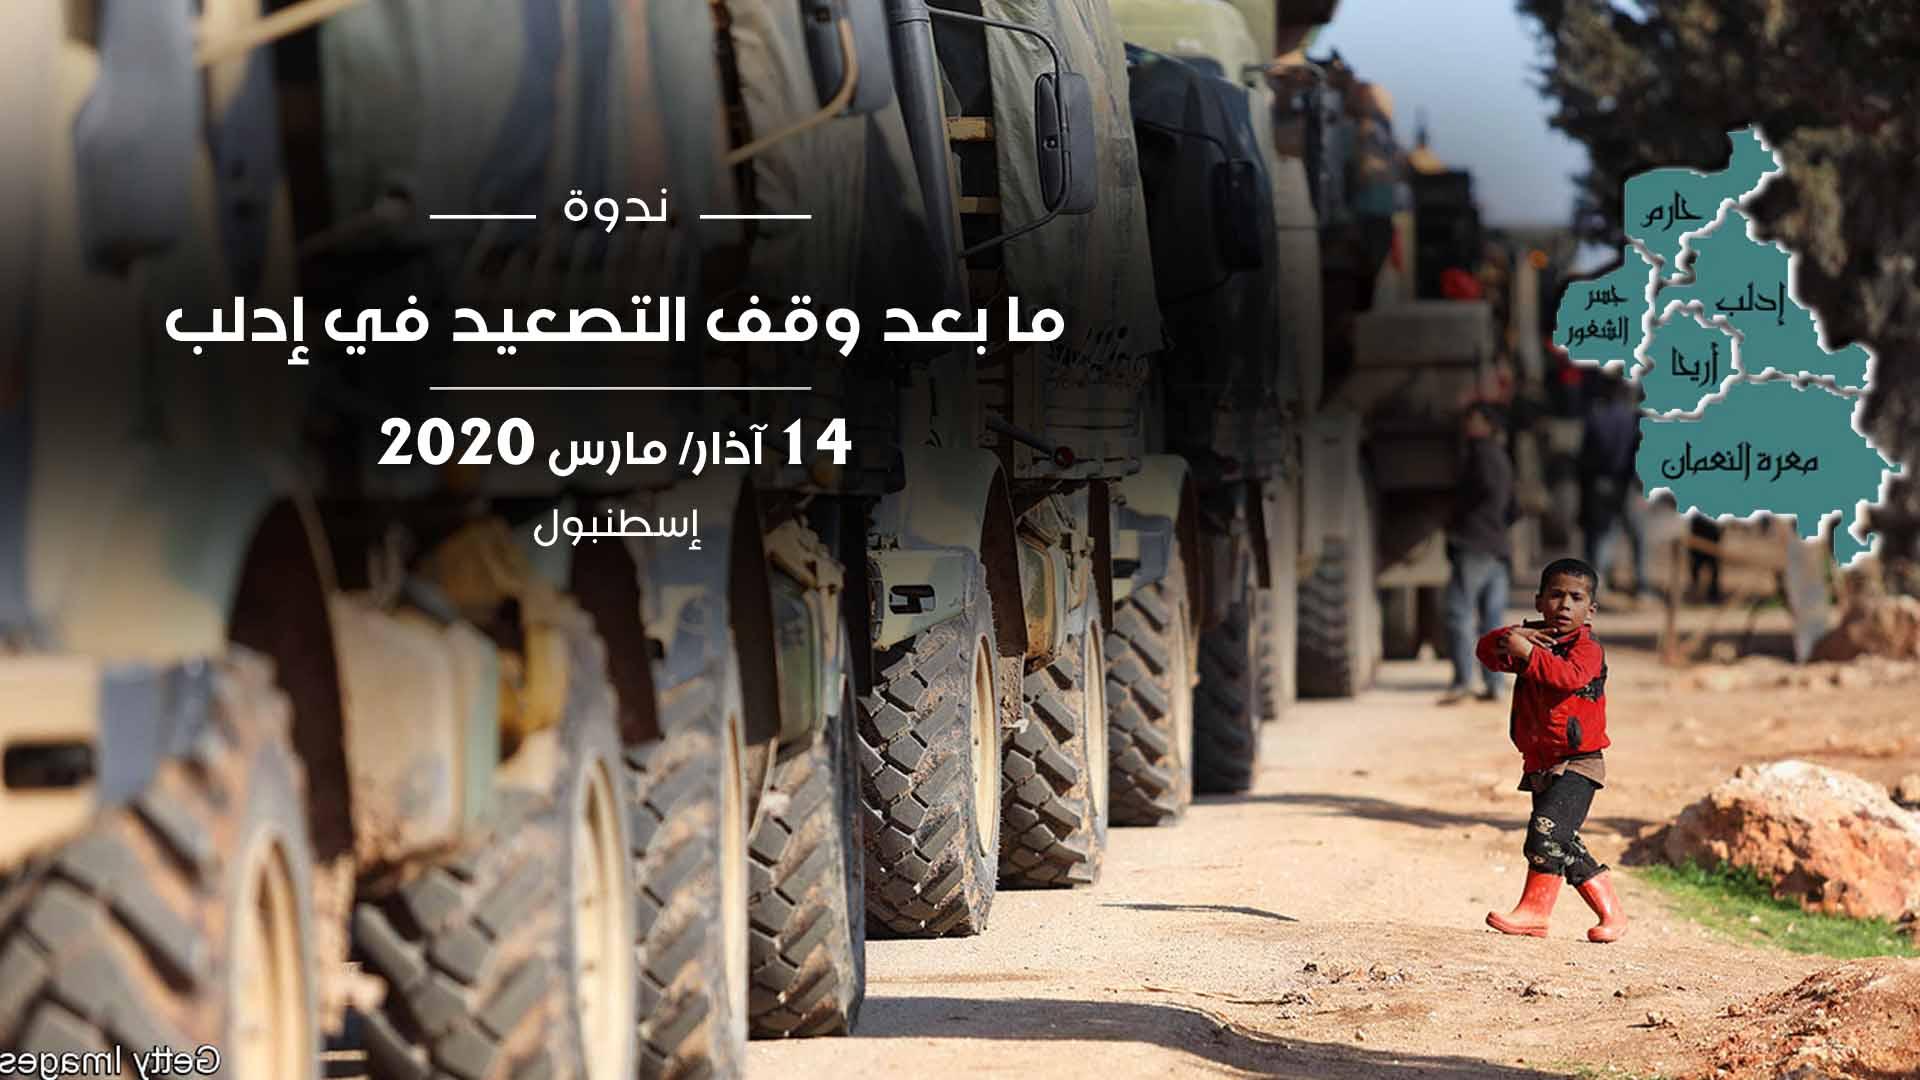 """ندوة حول """"ما بعد وقف التصعيد في إدلب"""" في المركز الثقافي العربي التابع لحرمون"""